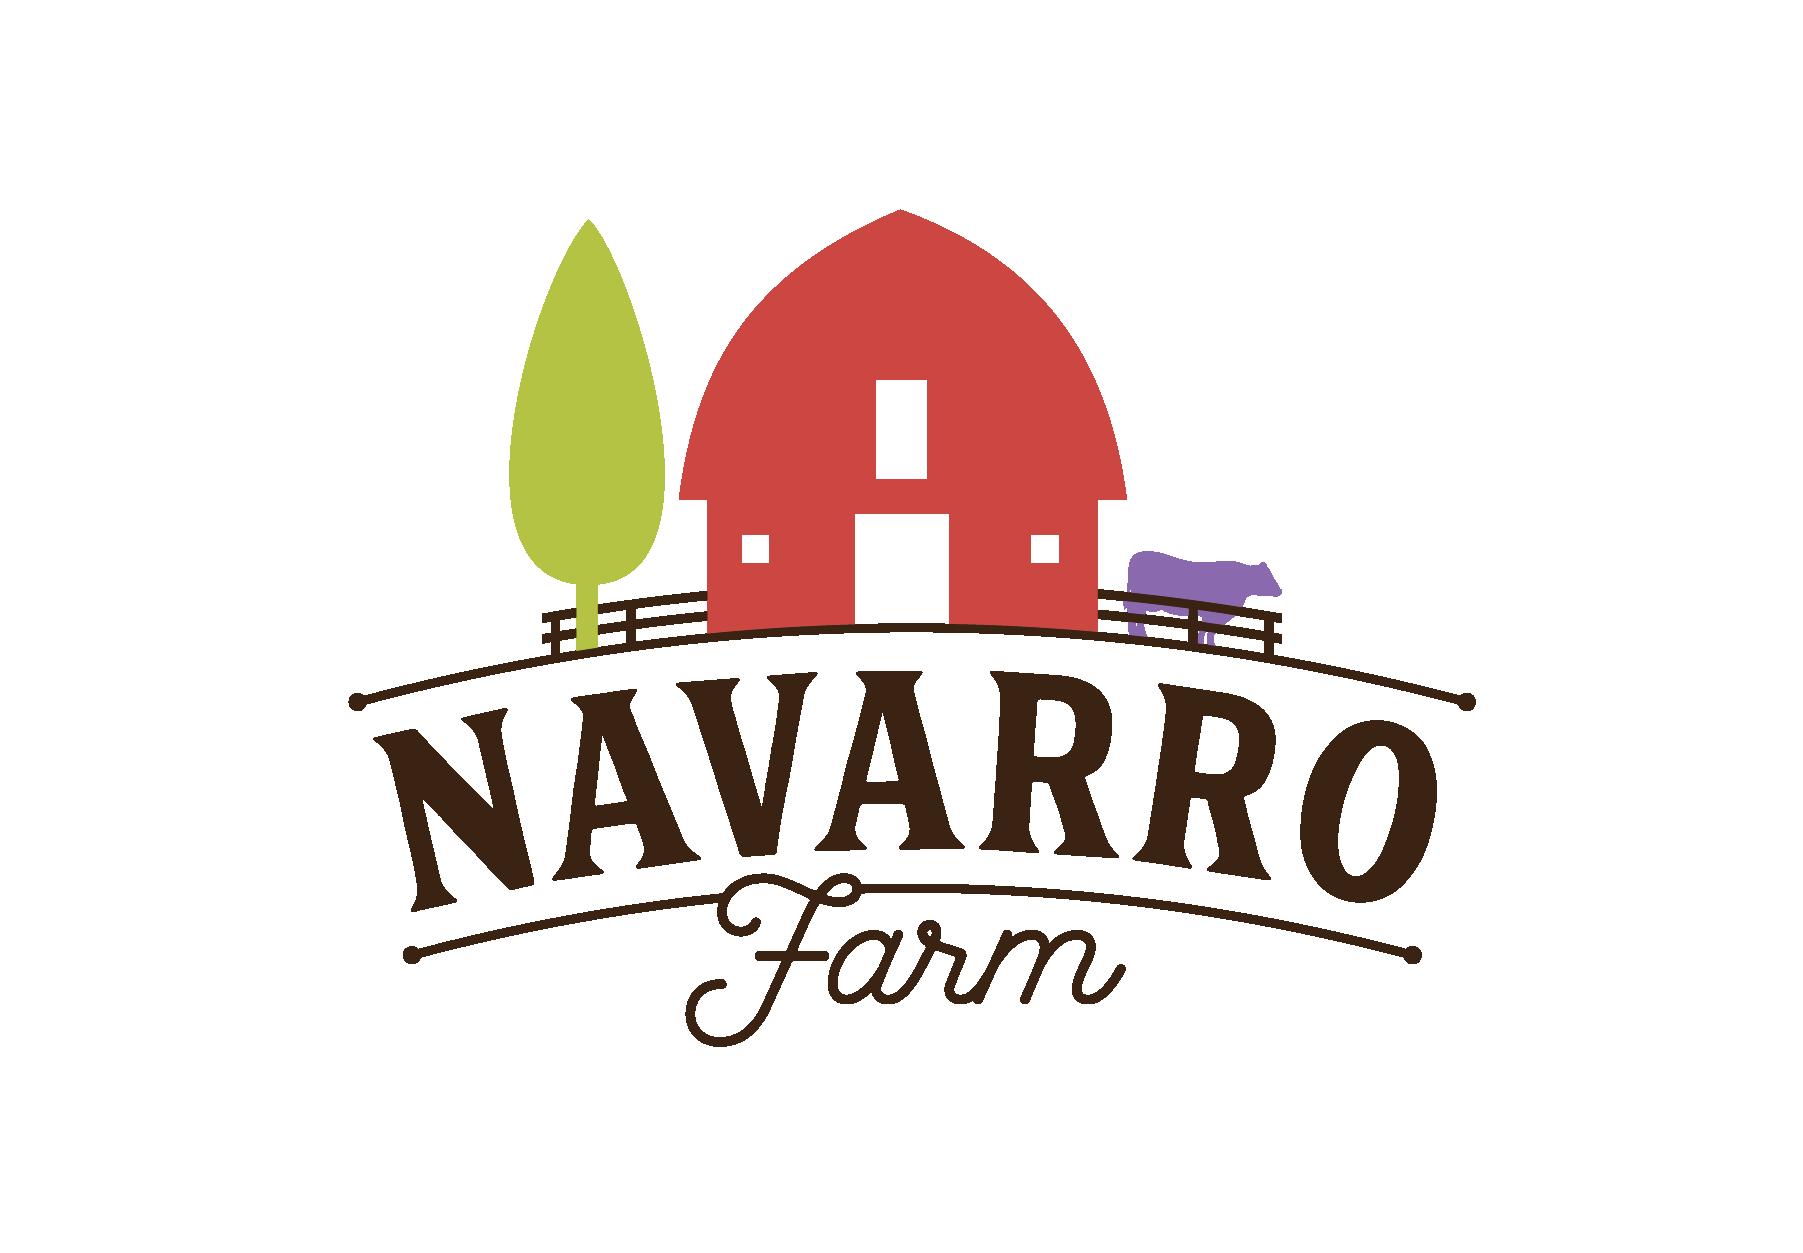 Navarro Farm